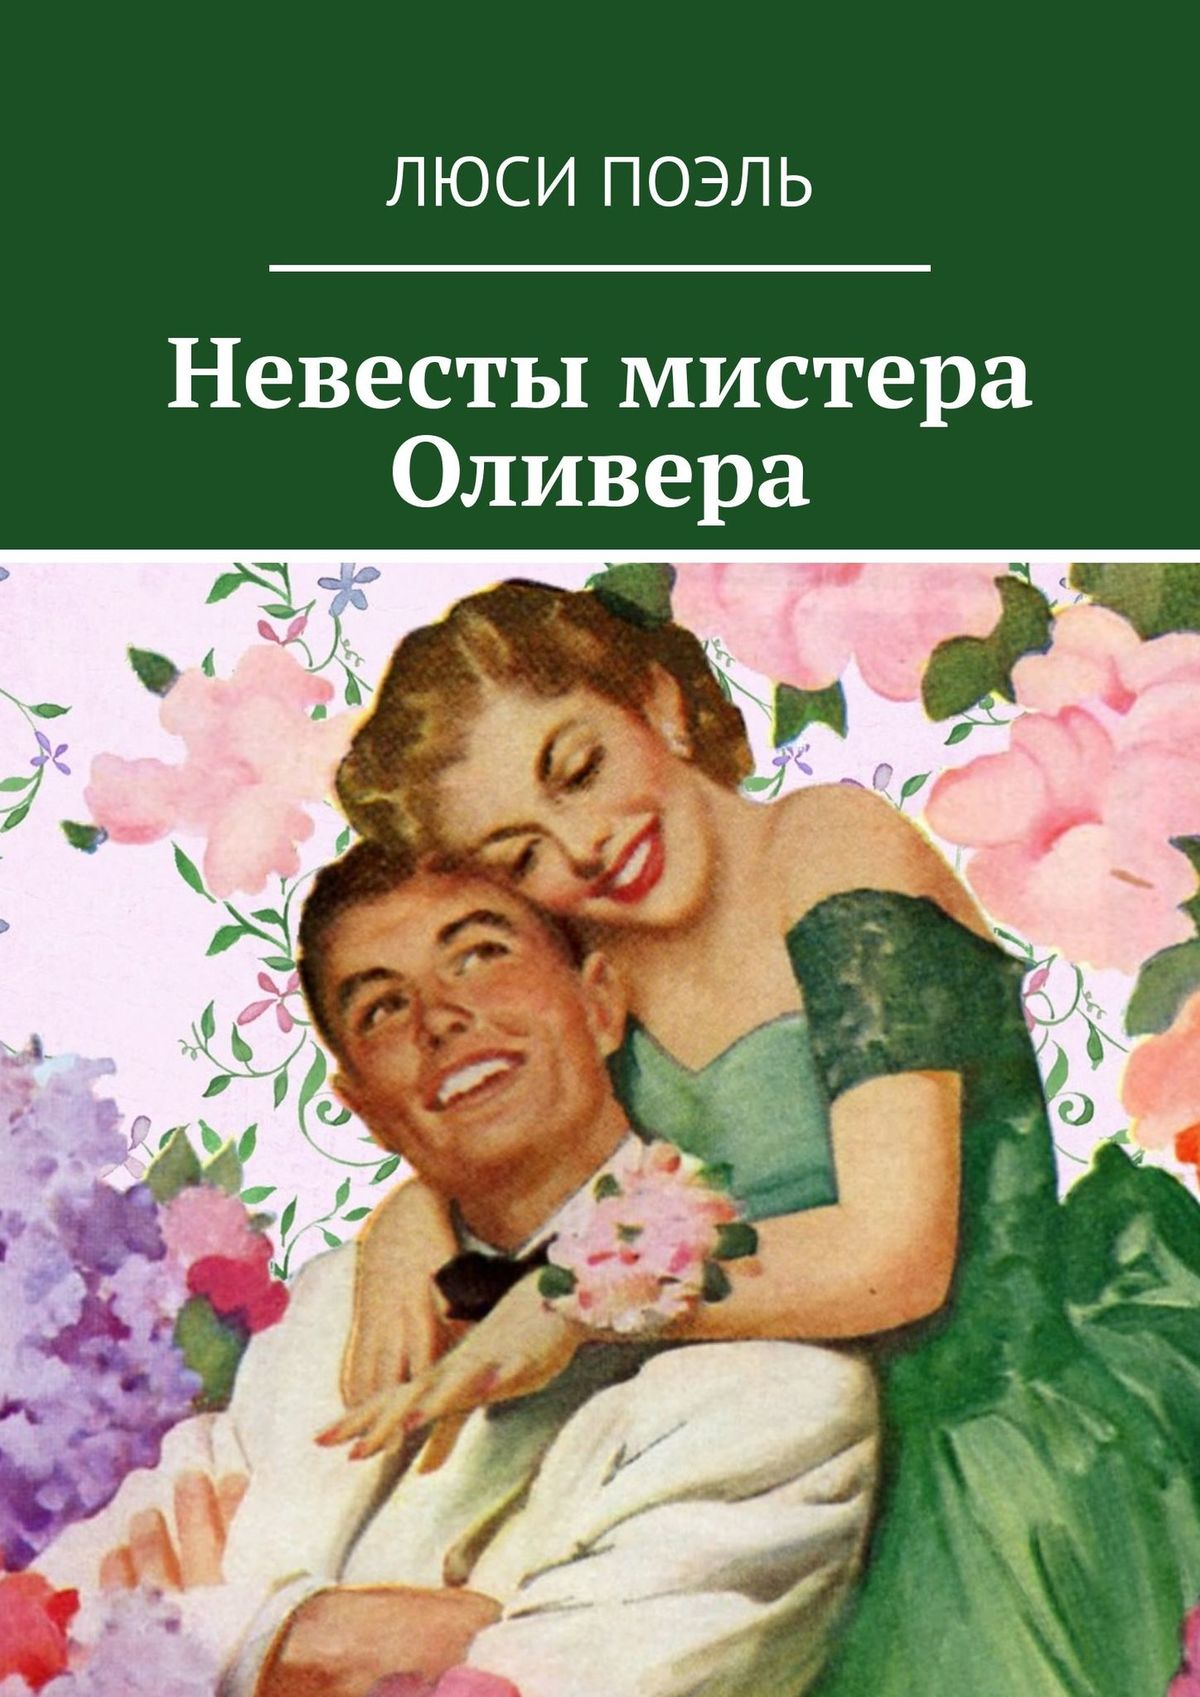 Люси Поэль Невесты мистера Оливера люси поэль двое любовная лирика